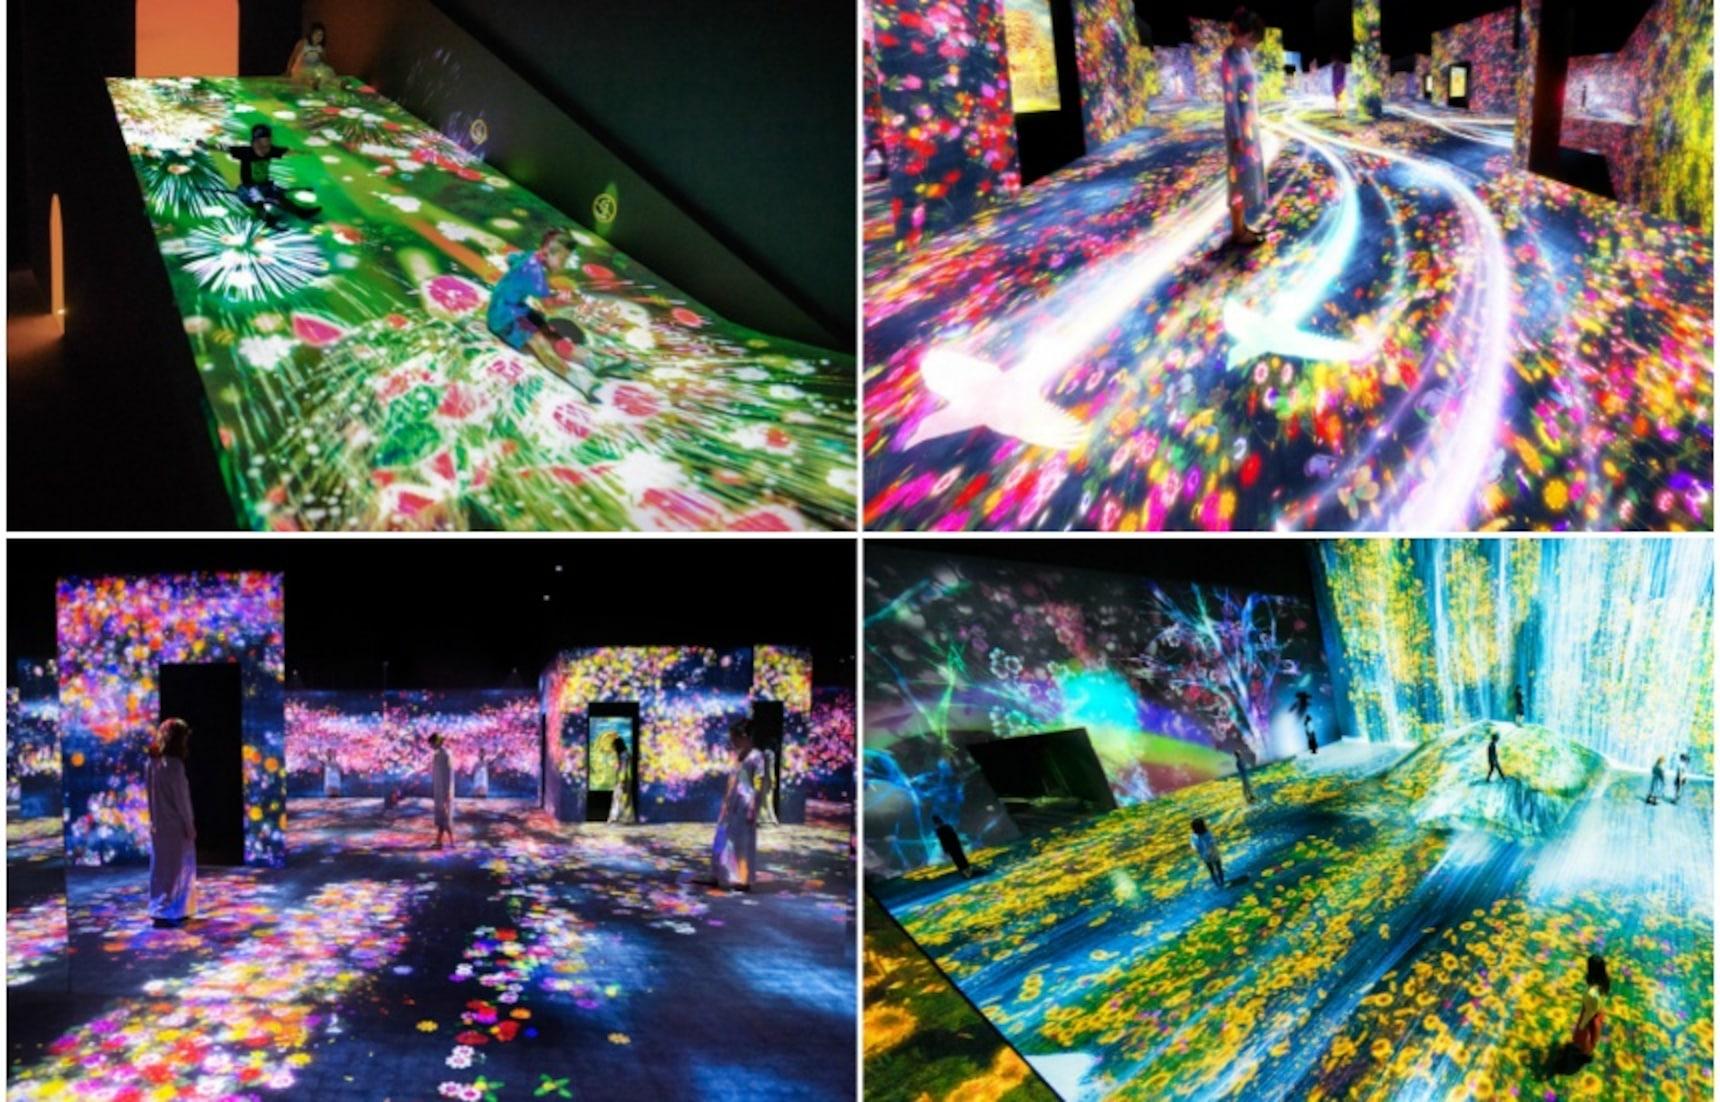 Permanent Digital Art Museum to Open in Tokyo